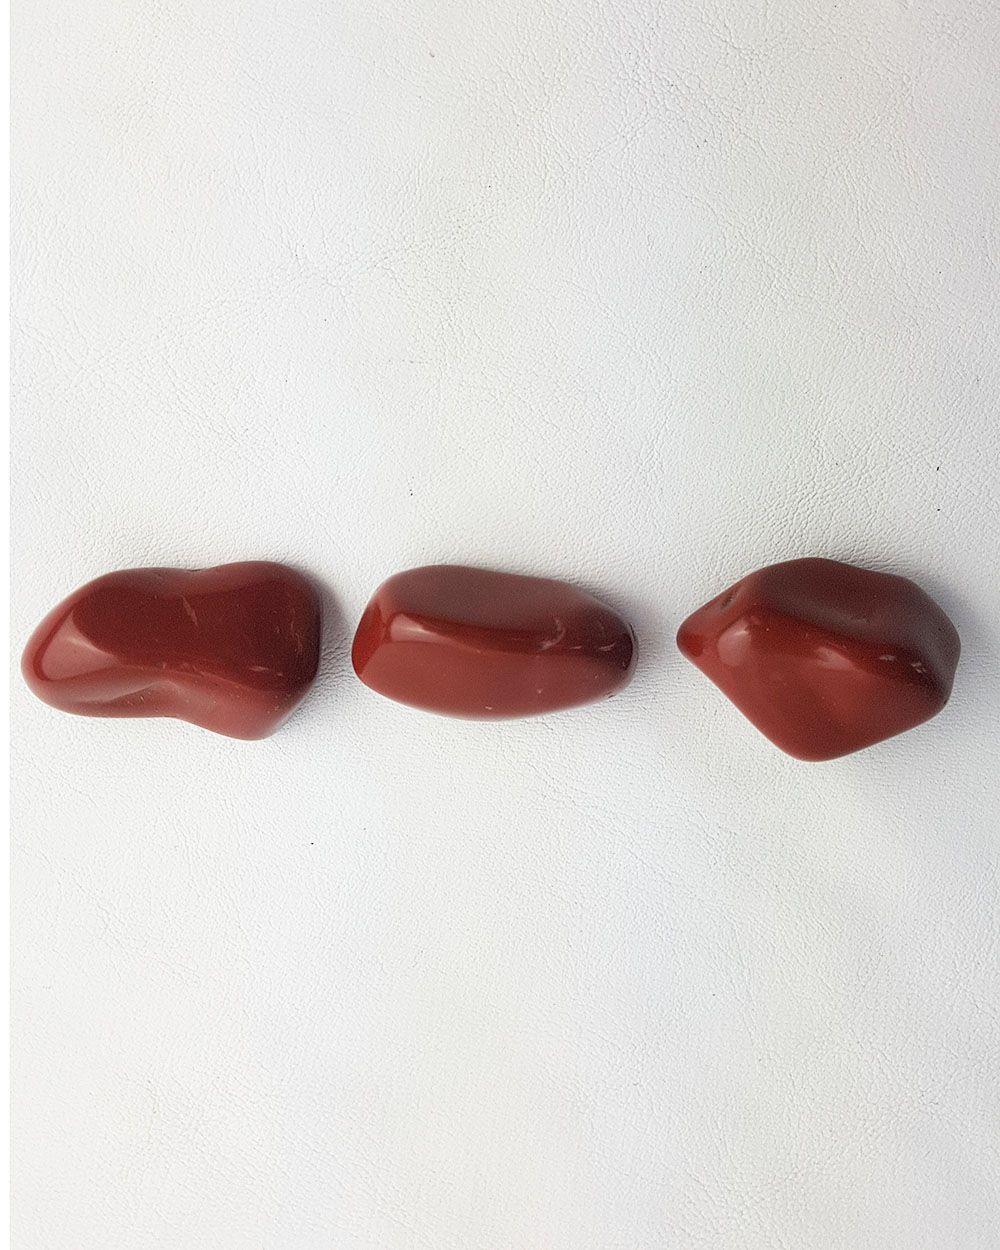 JASPE VERMELHO ROLADO - UNIDADE -  2,8 a 3 cm (11 a 15g)